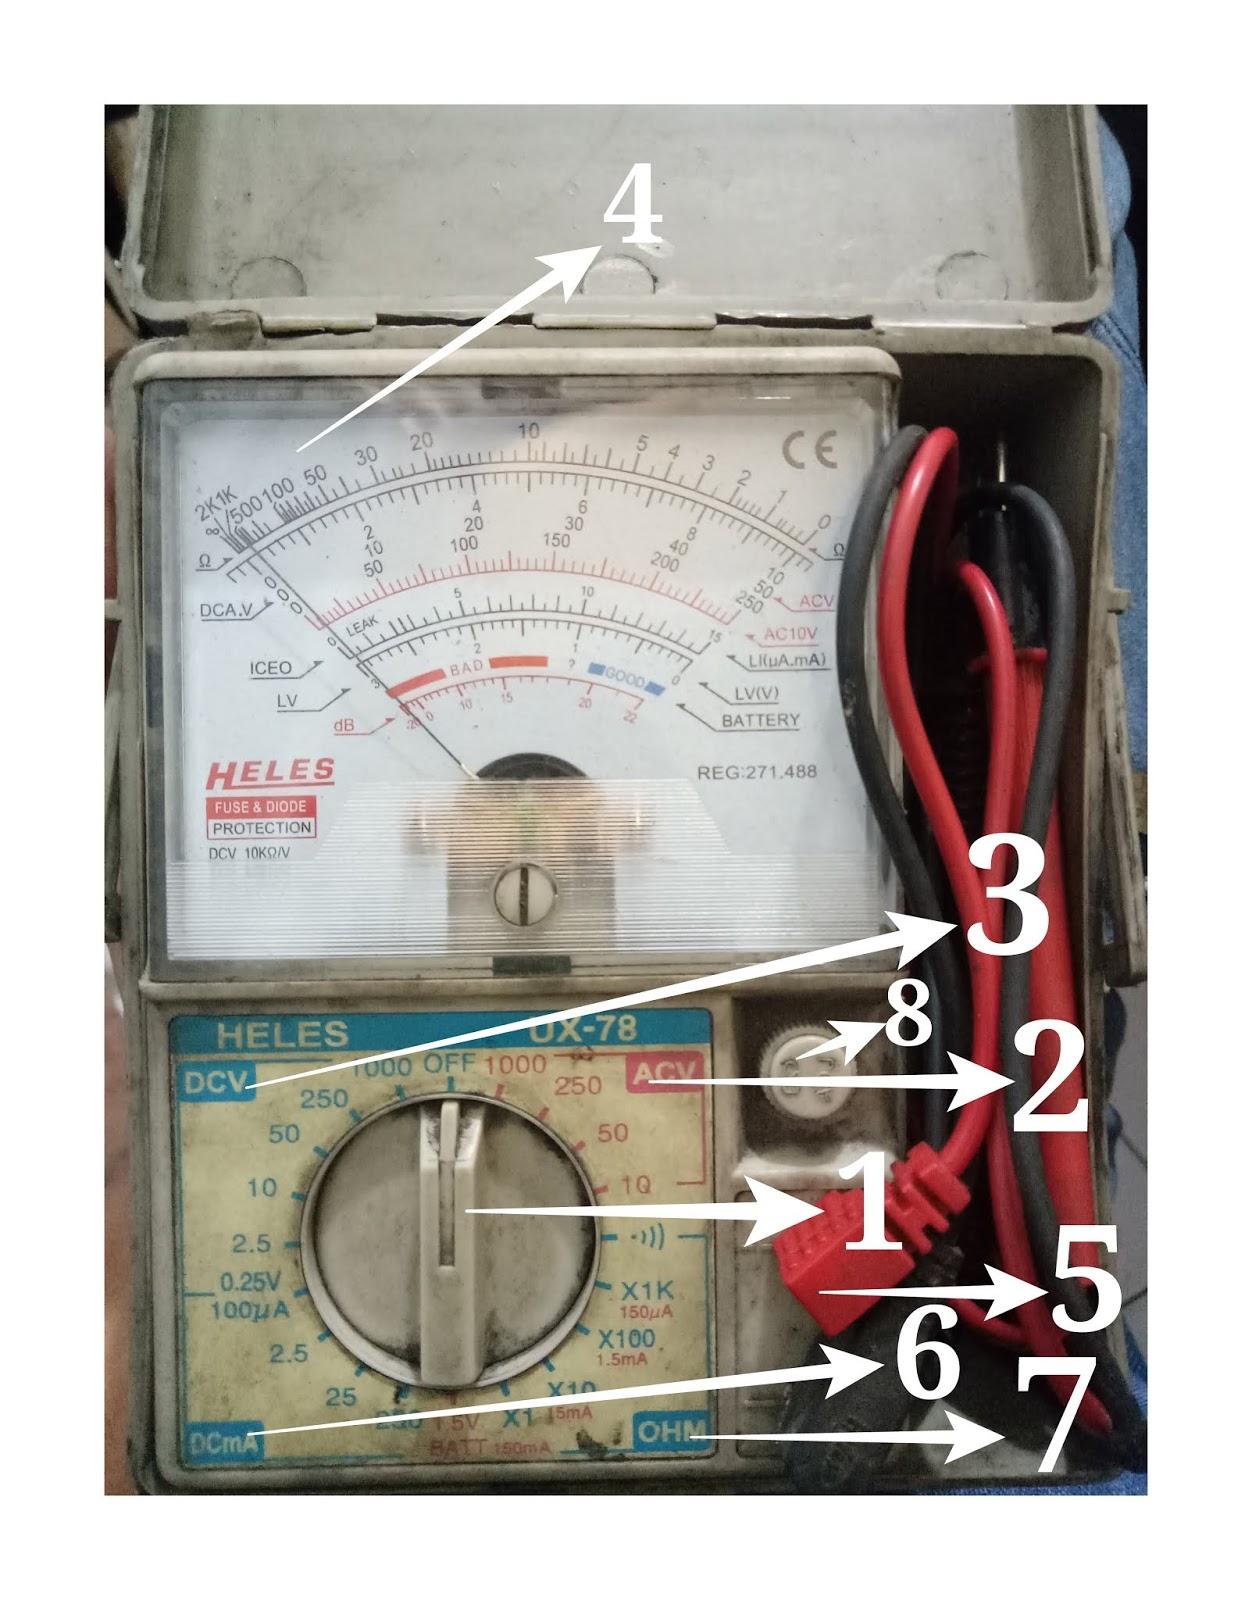 Cara Menggunakan Multimeter Analog : menggunakan, multimeter, analog, Menggunakan, (avometer, Multimeter), Analog, Untuk, Pemula, Maintenance, Workshop